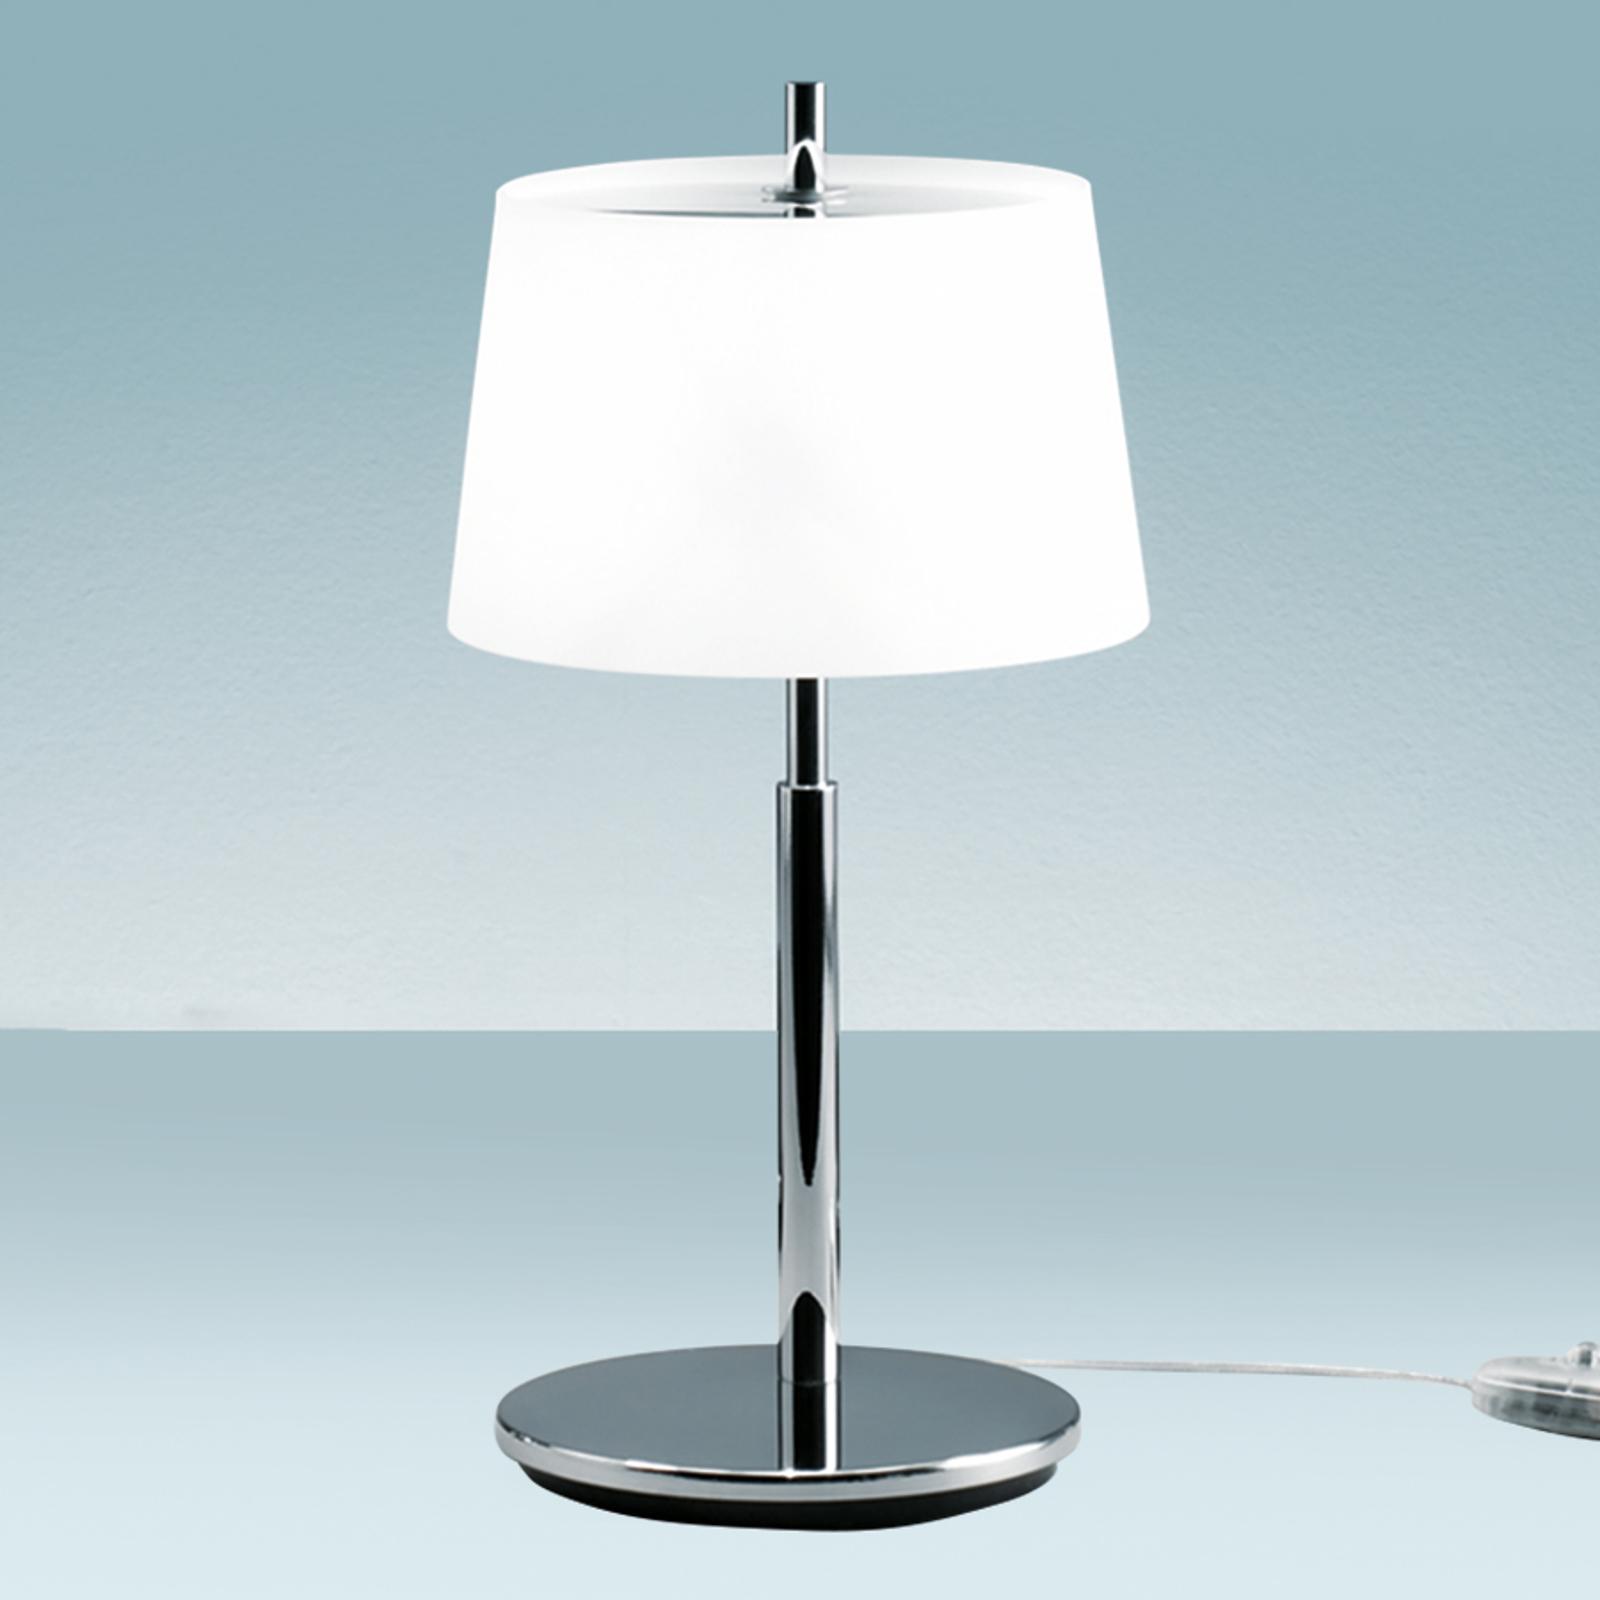 Utsøkt bordlampe PASSION, 20 cm